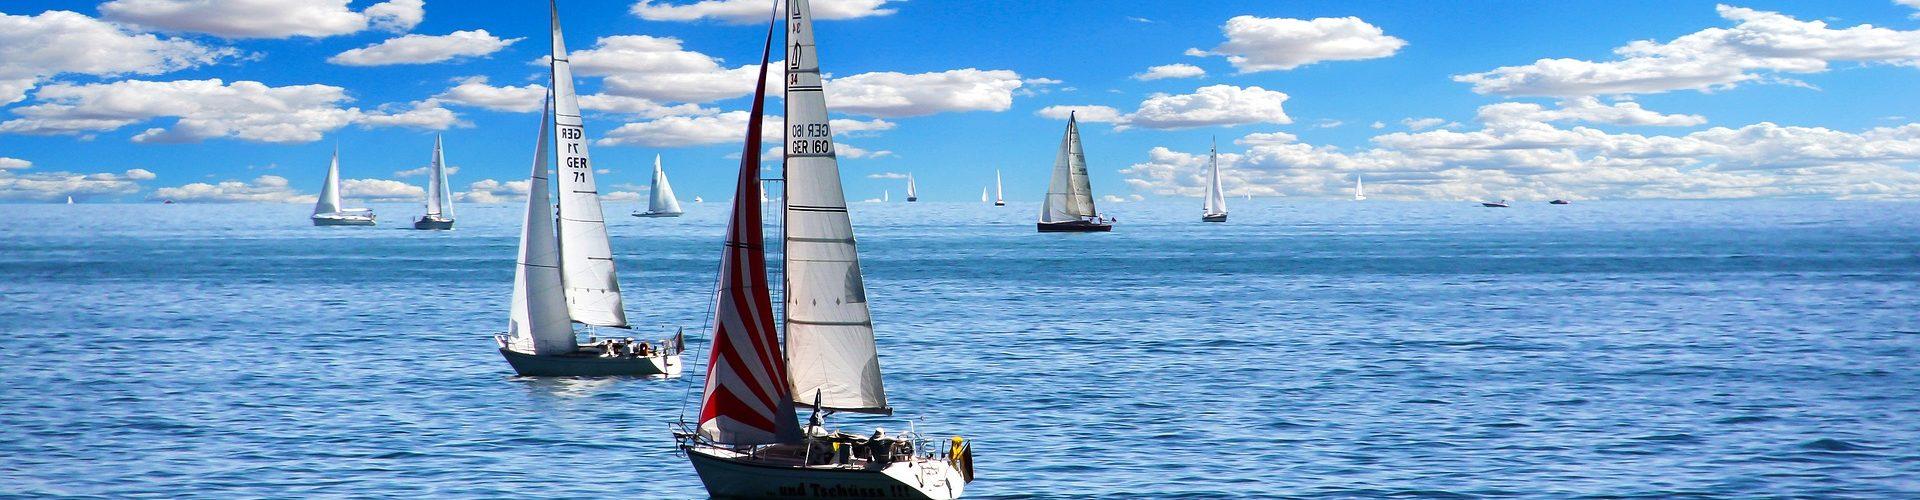 segeln lernen in Maintal segelschein machen in Maintal 1920x500 - Segeln lernen in Maintal